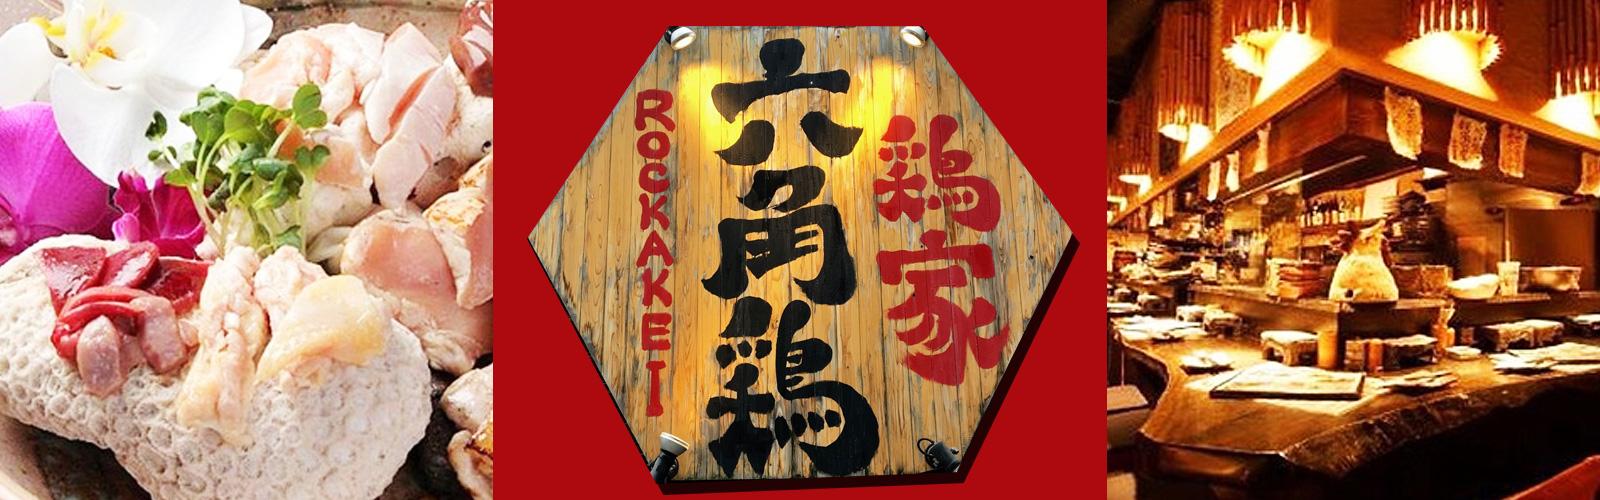 鶏家 六角鶏 難波店(大阪・なんば)